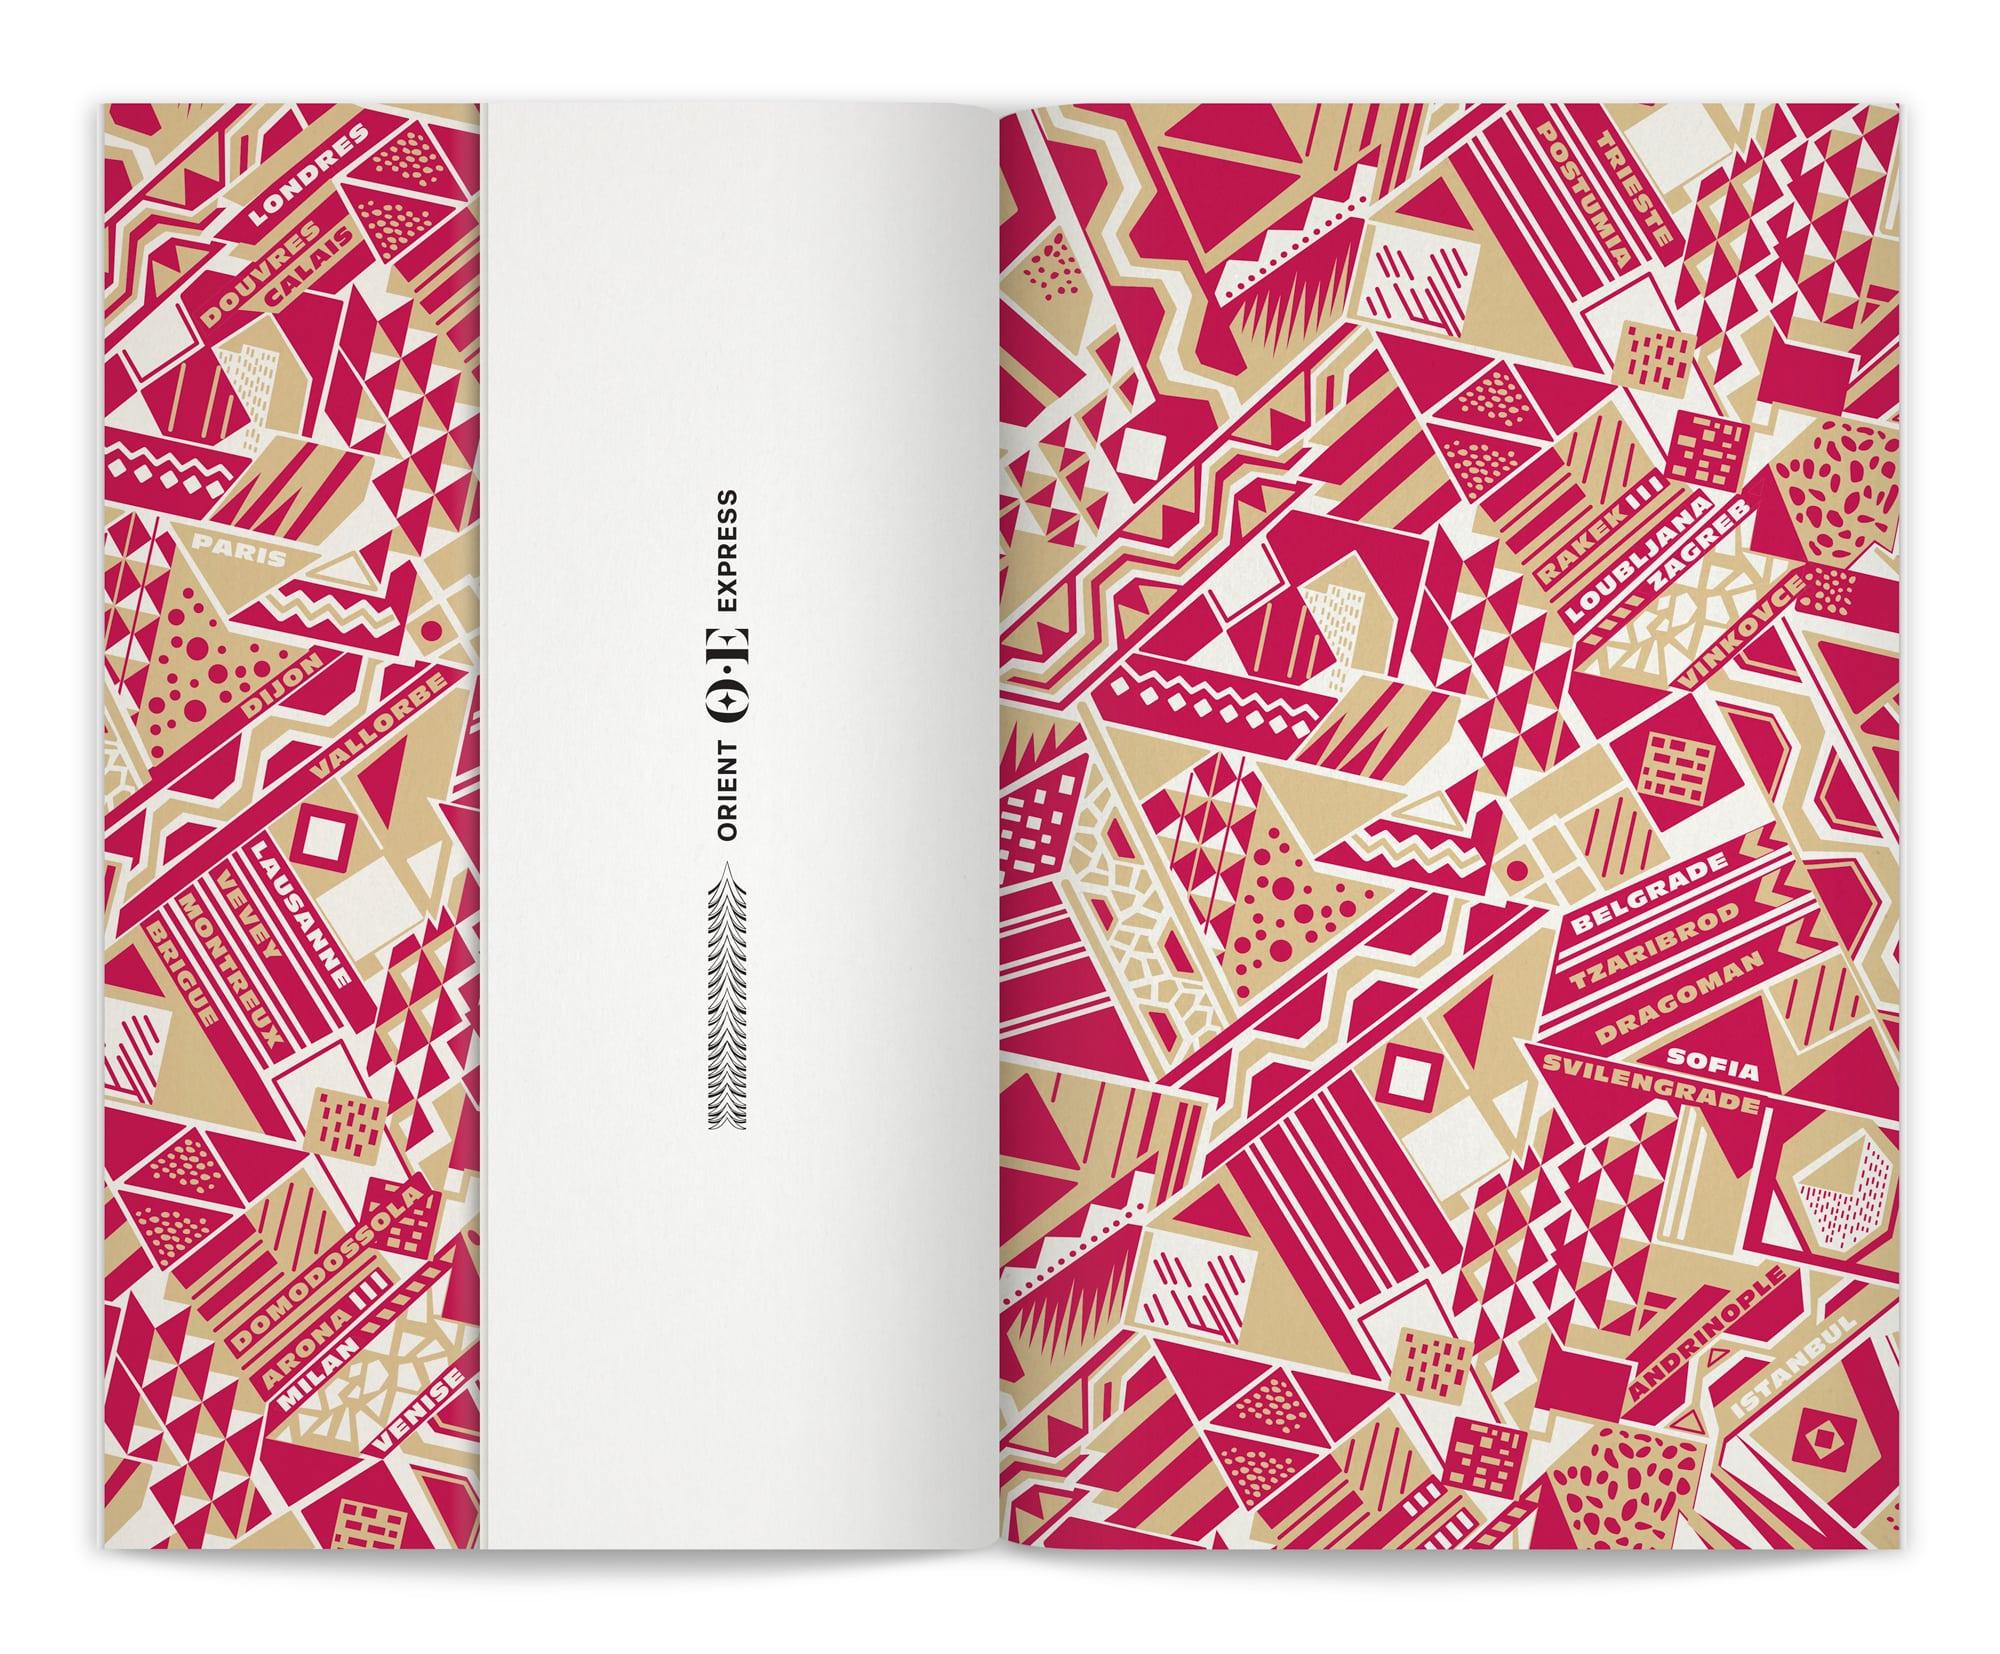 menu Orient Express dessiné par Helena Ichbiah et son équipe de graphiste pour le projet de branding de Orient Express